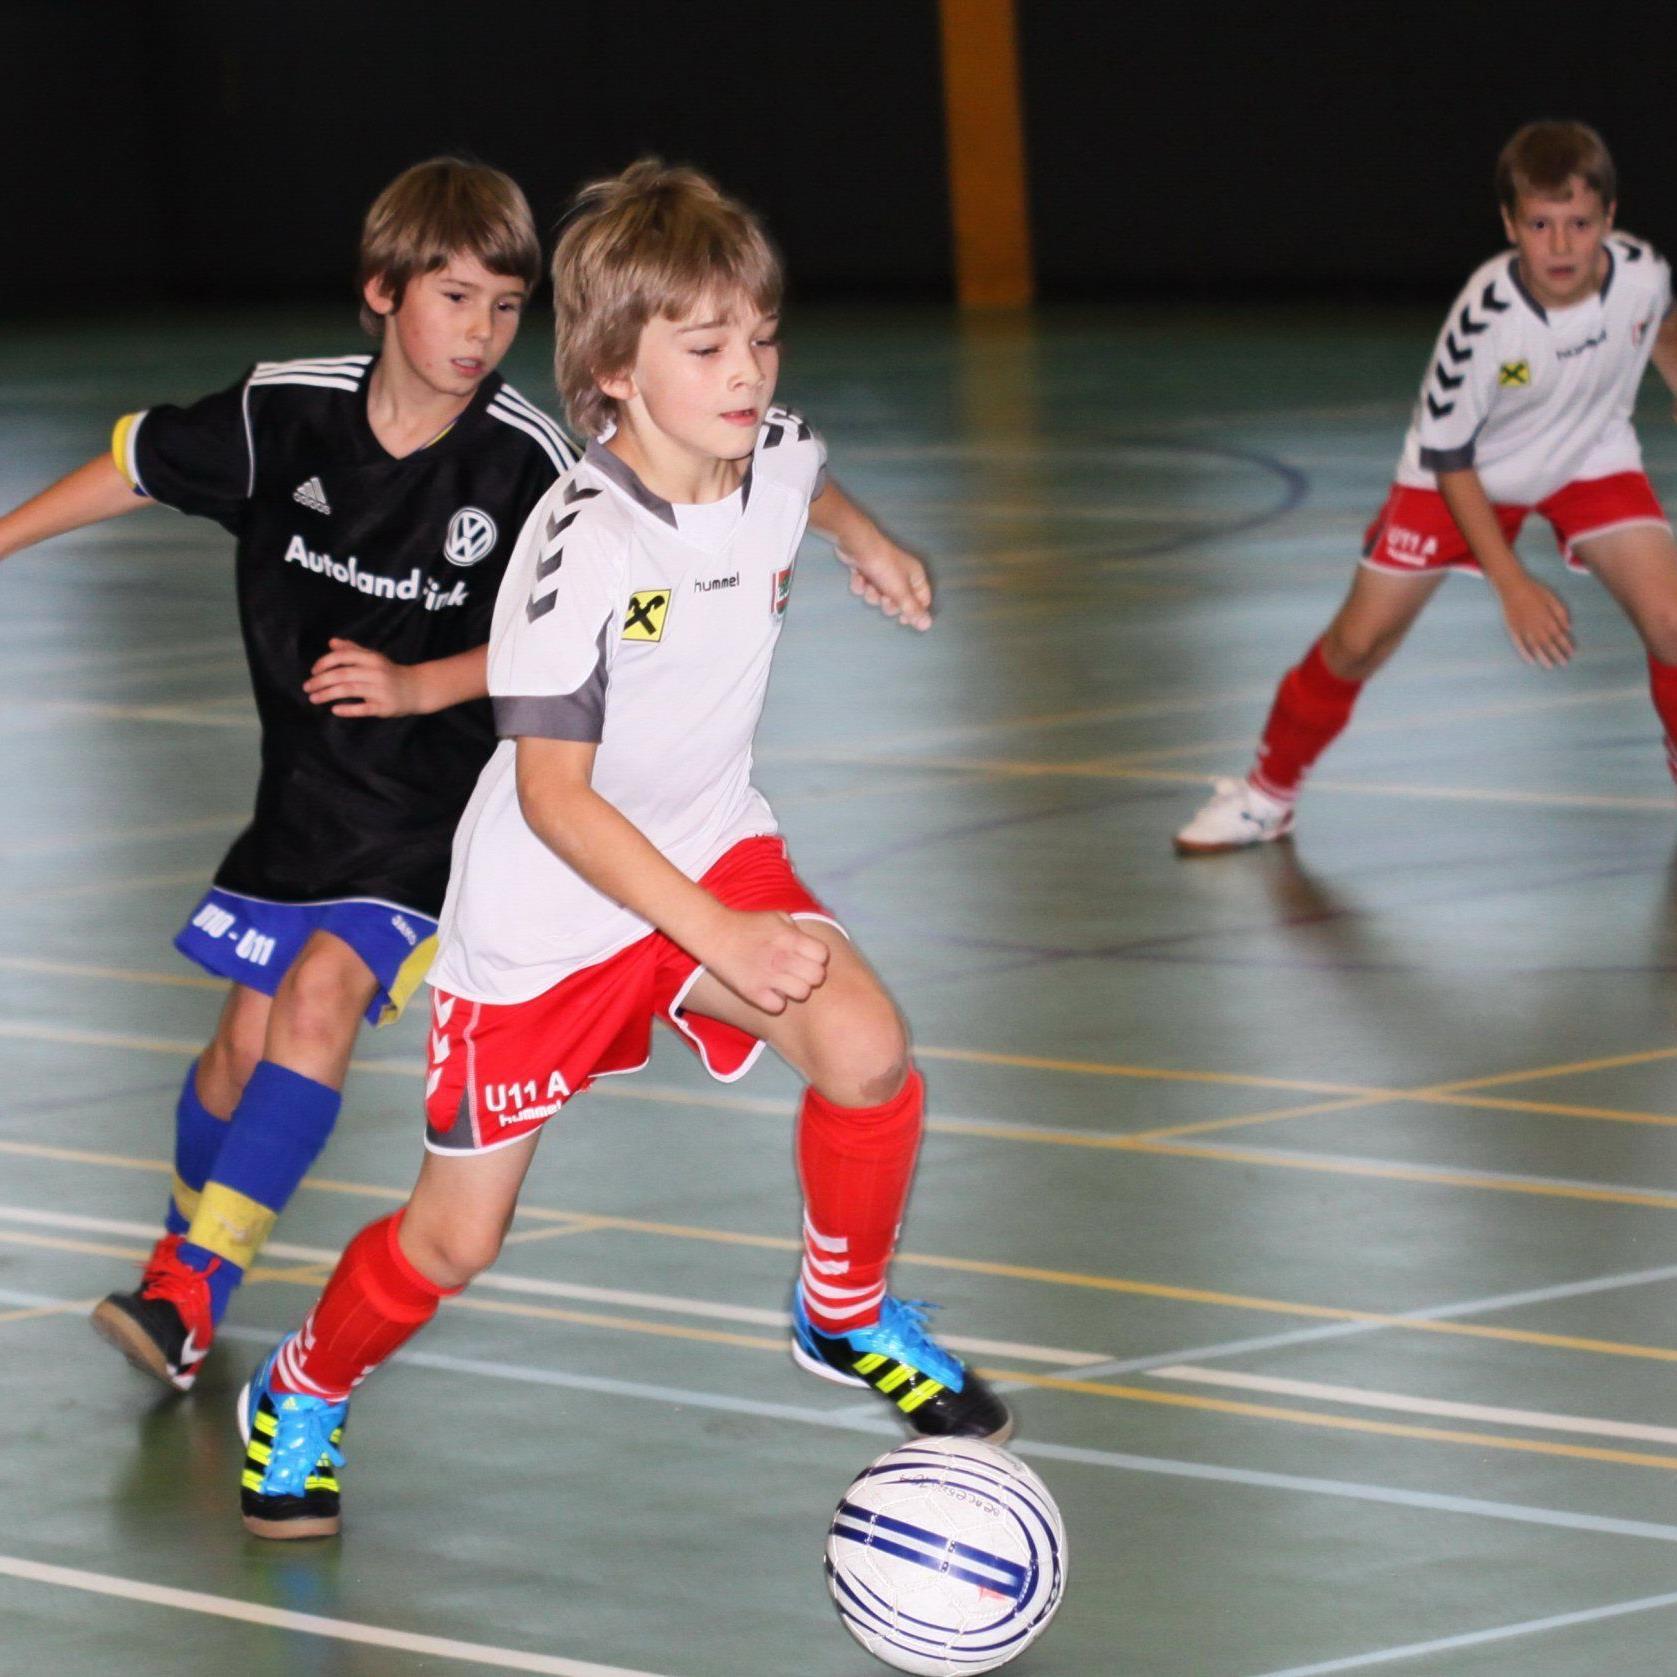 Fünf Tage lang dauert die FCD-Hallenfußballturnierserie.